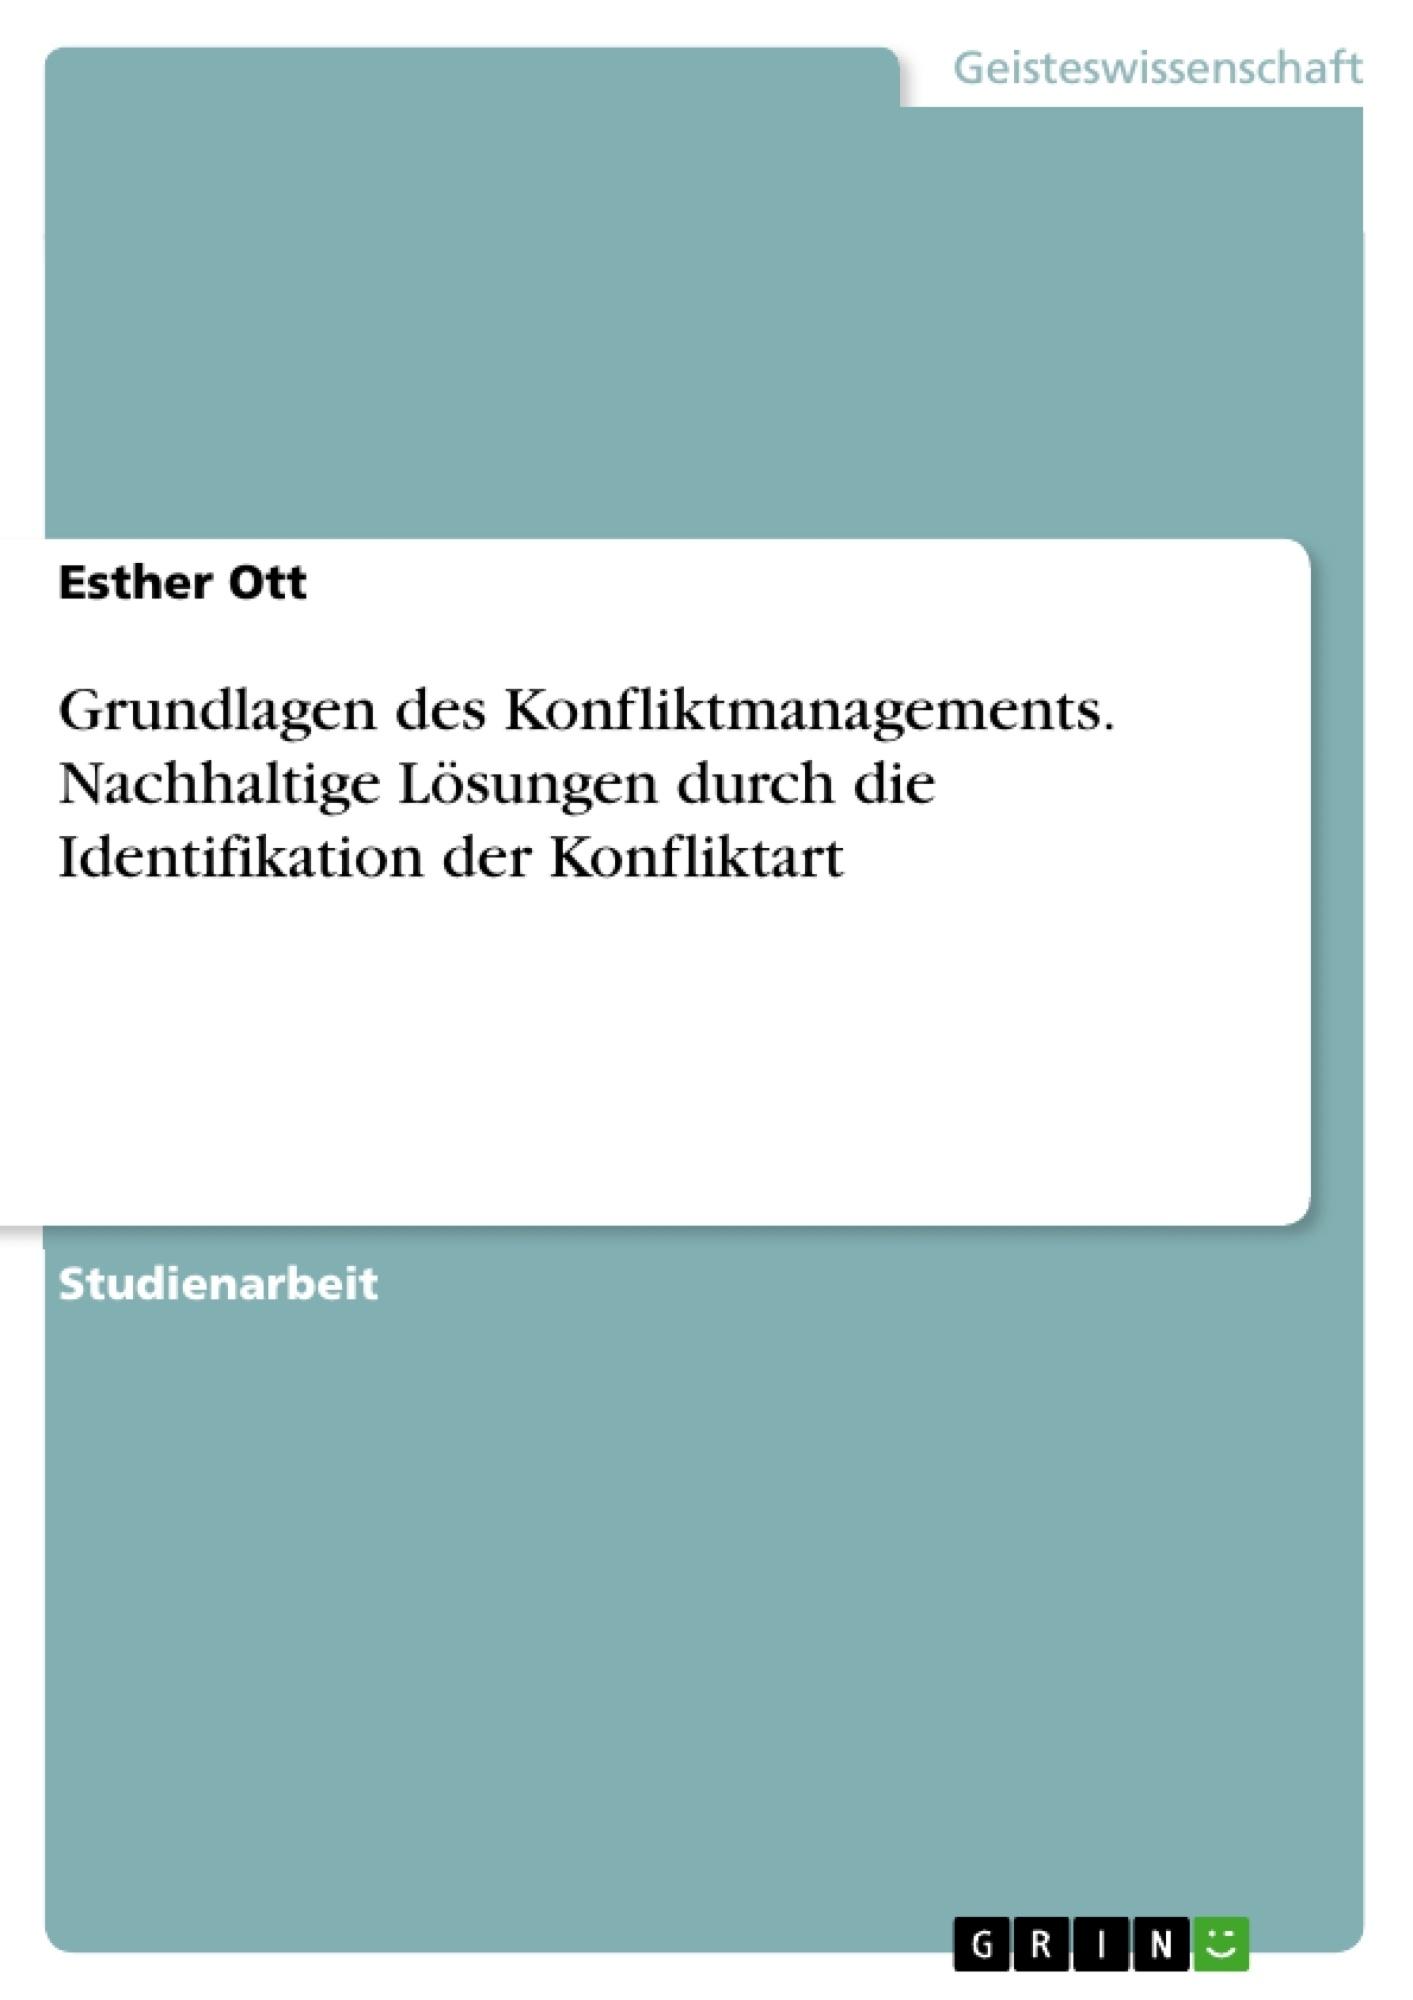 Titel: Grundlagen des Konfliktmanagements. Nachhaltige Lösungen durch die Identifikation der Konfliktart